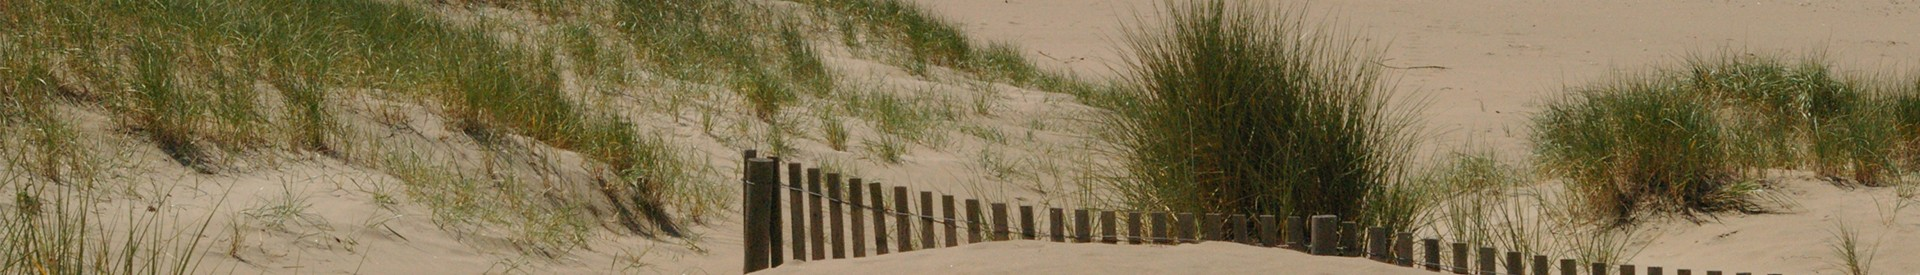 dune-222-transport-st-brevin